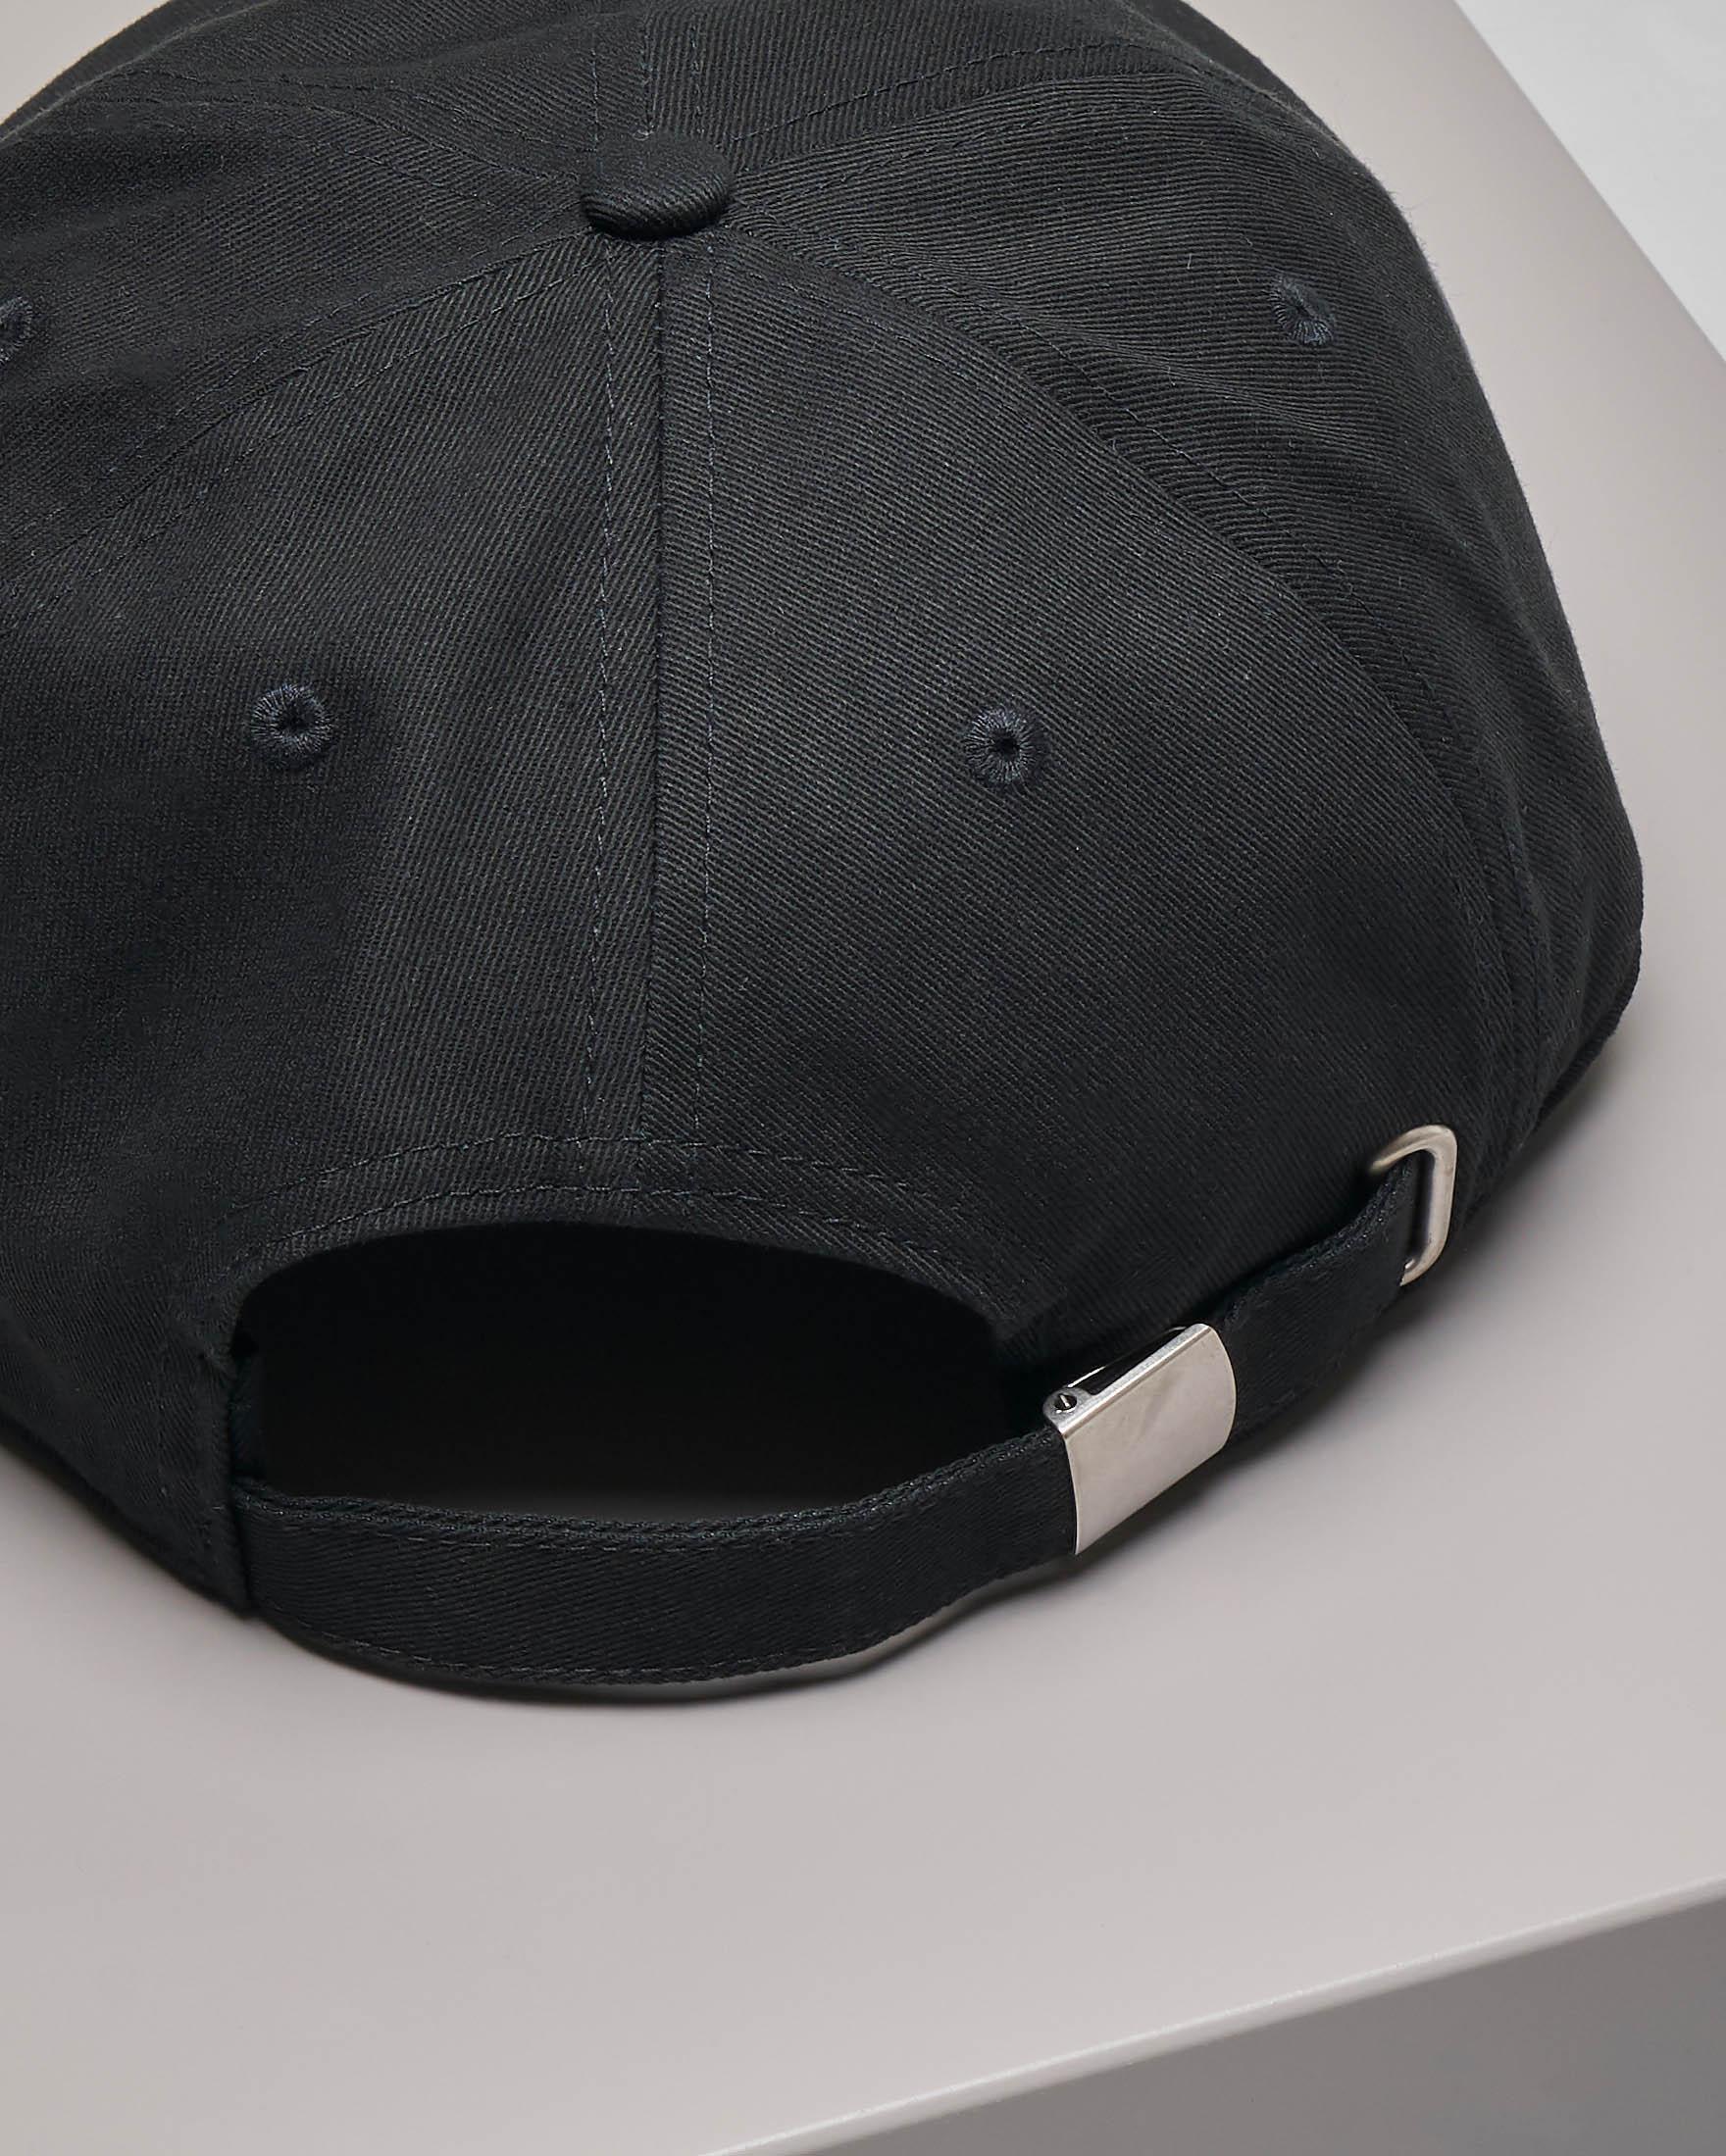 Cappellino in twill di cotone nero con visiera e logo a contrasto